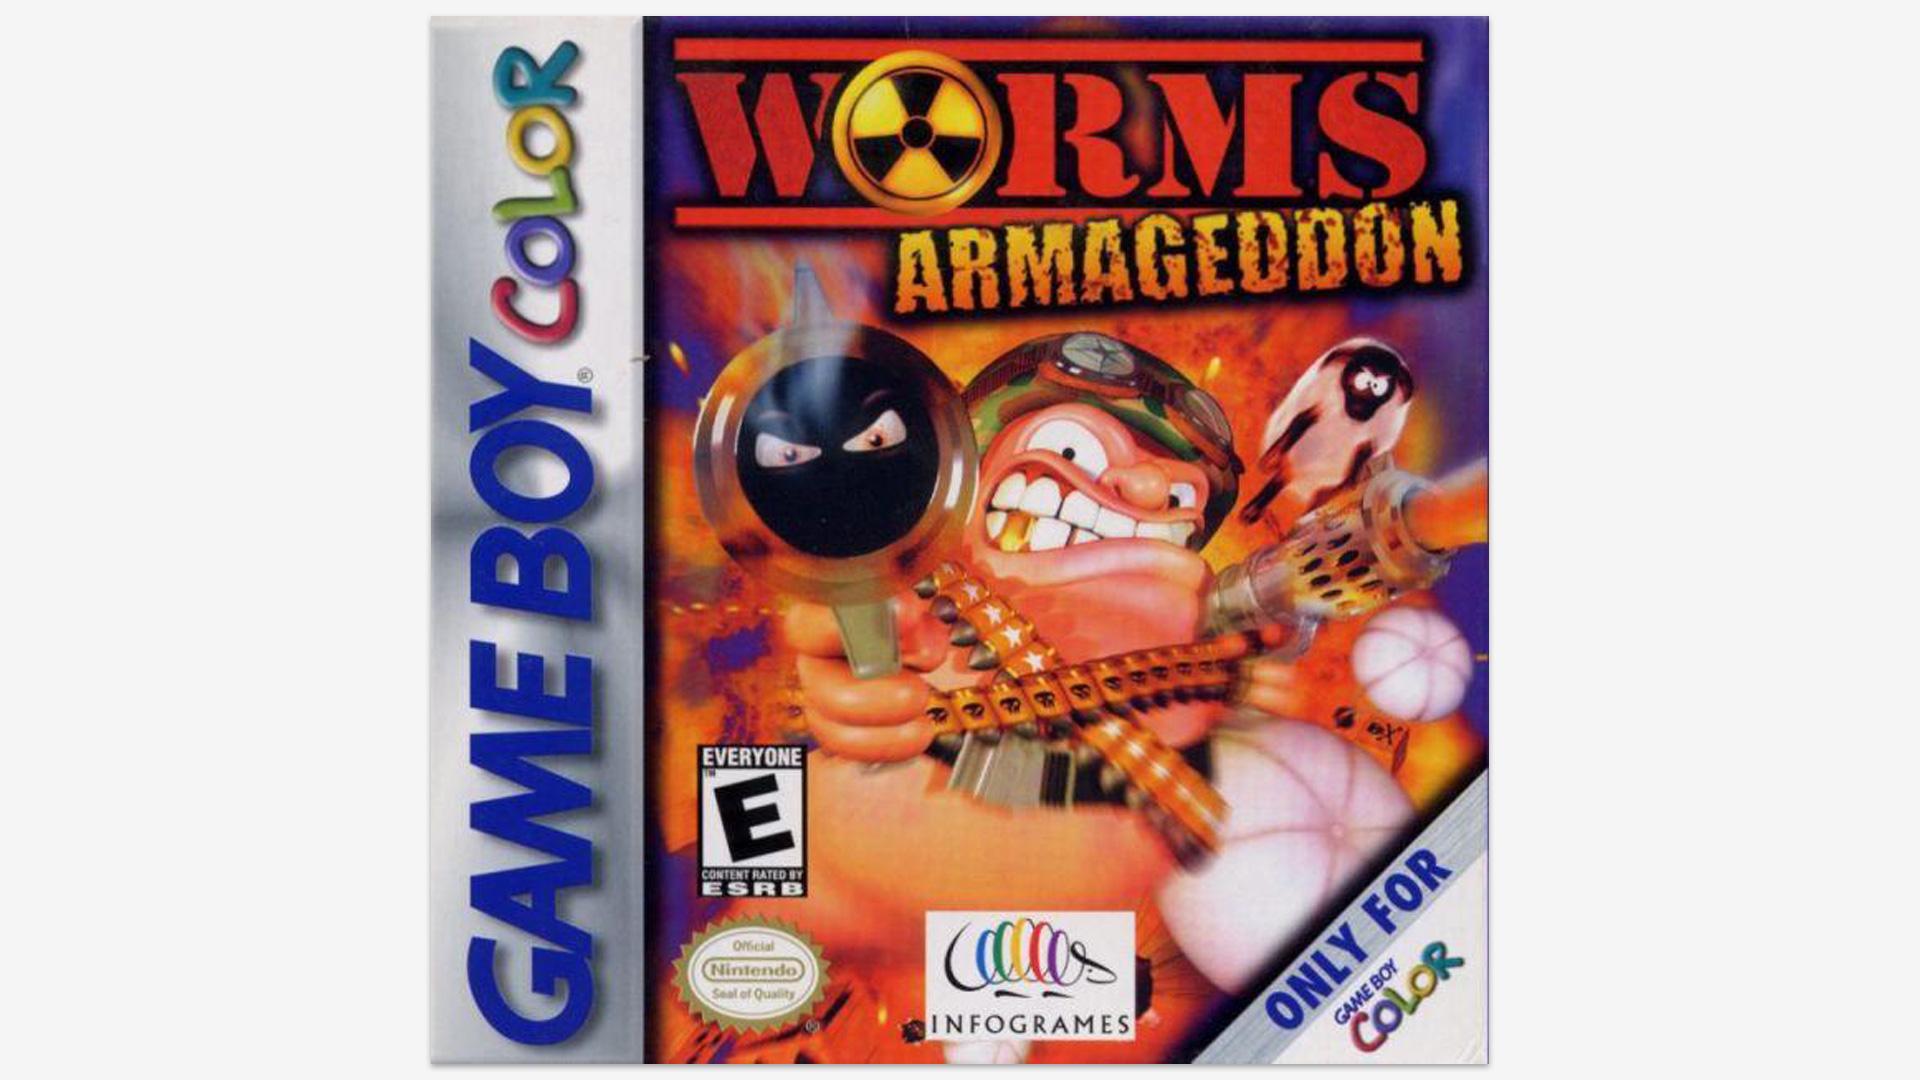 Worms-Armageddon-Game-Boy-Color